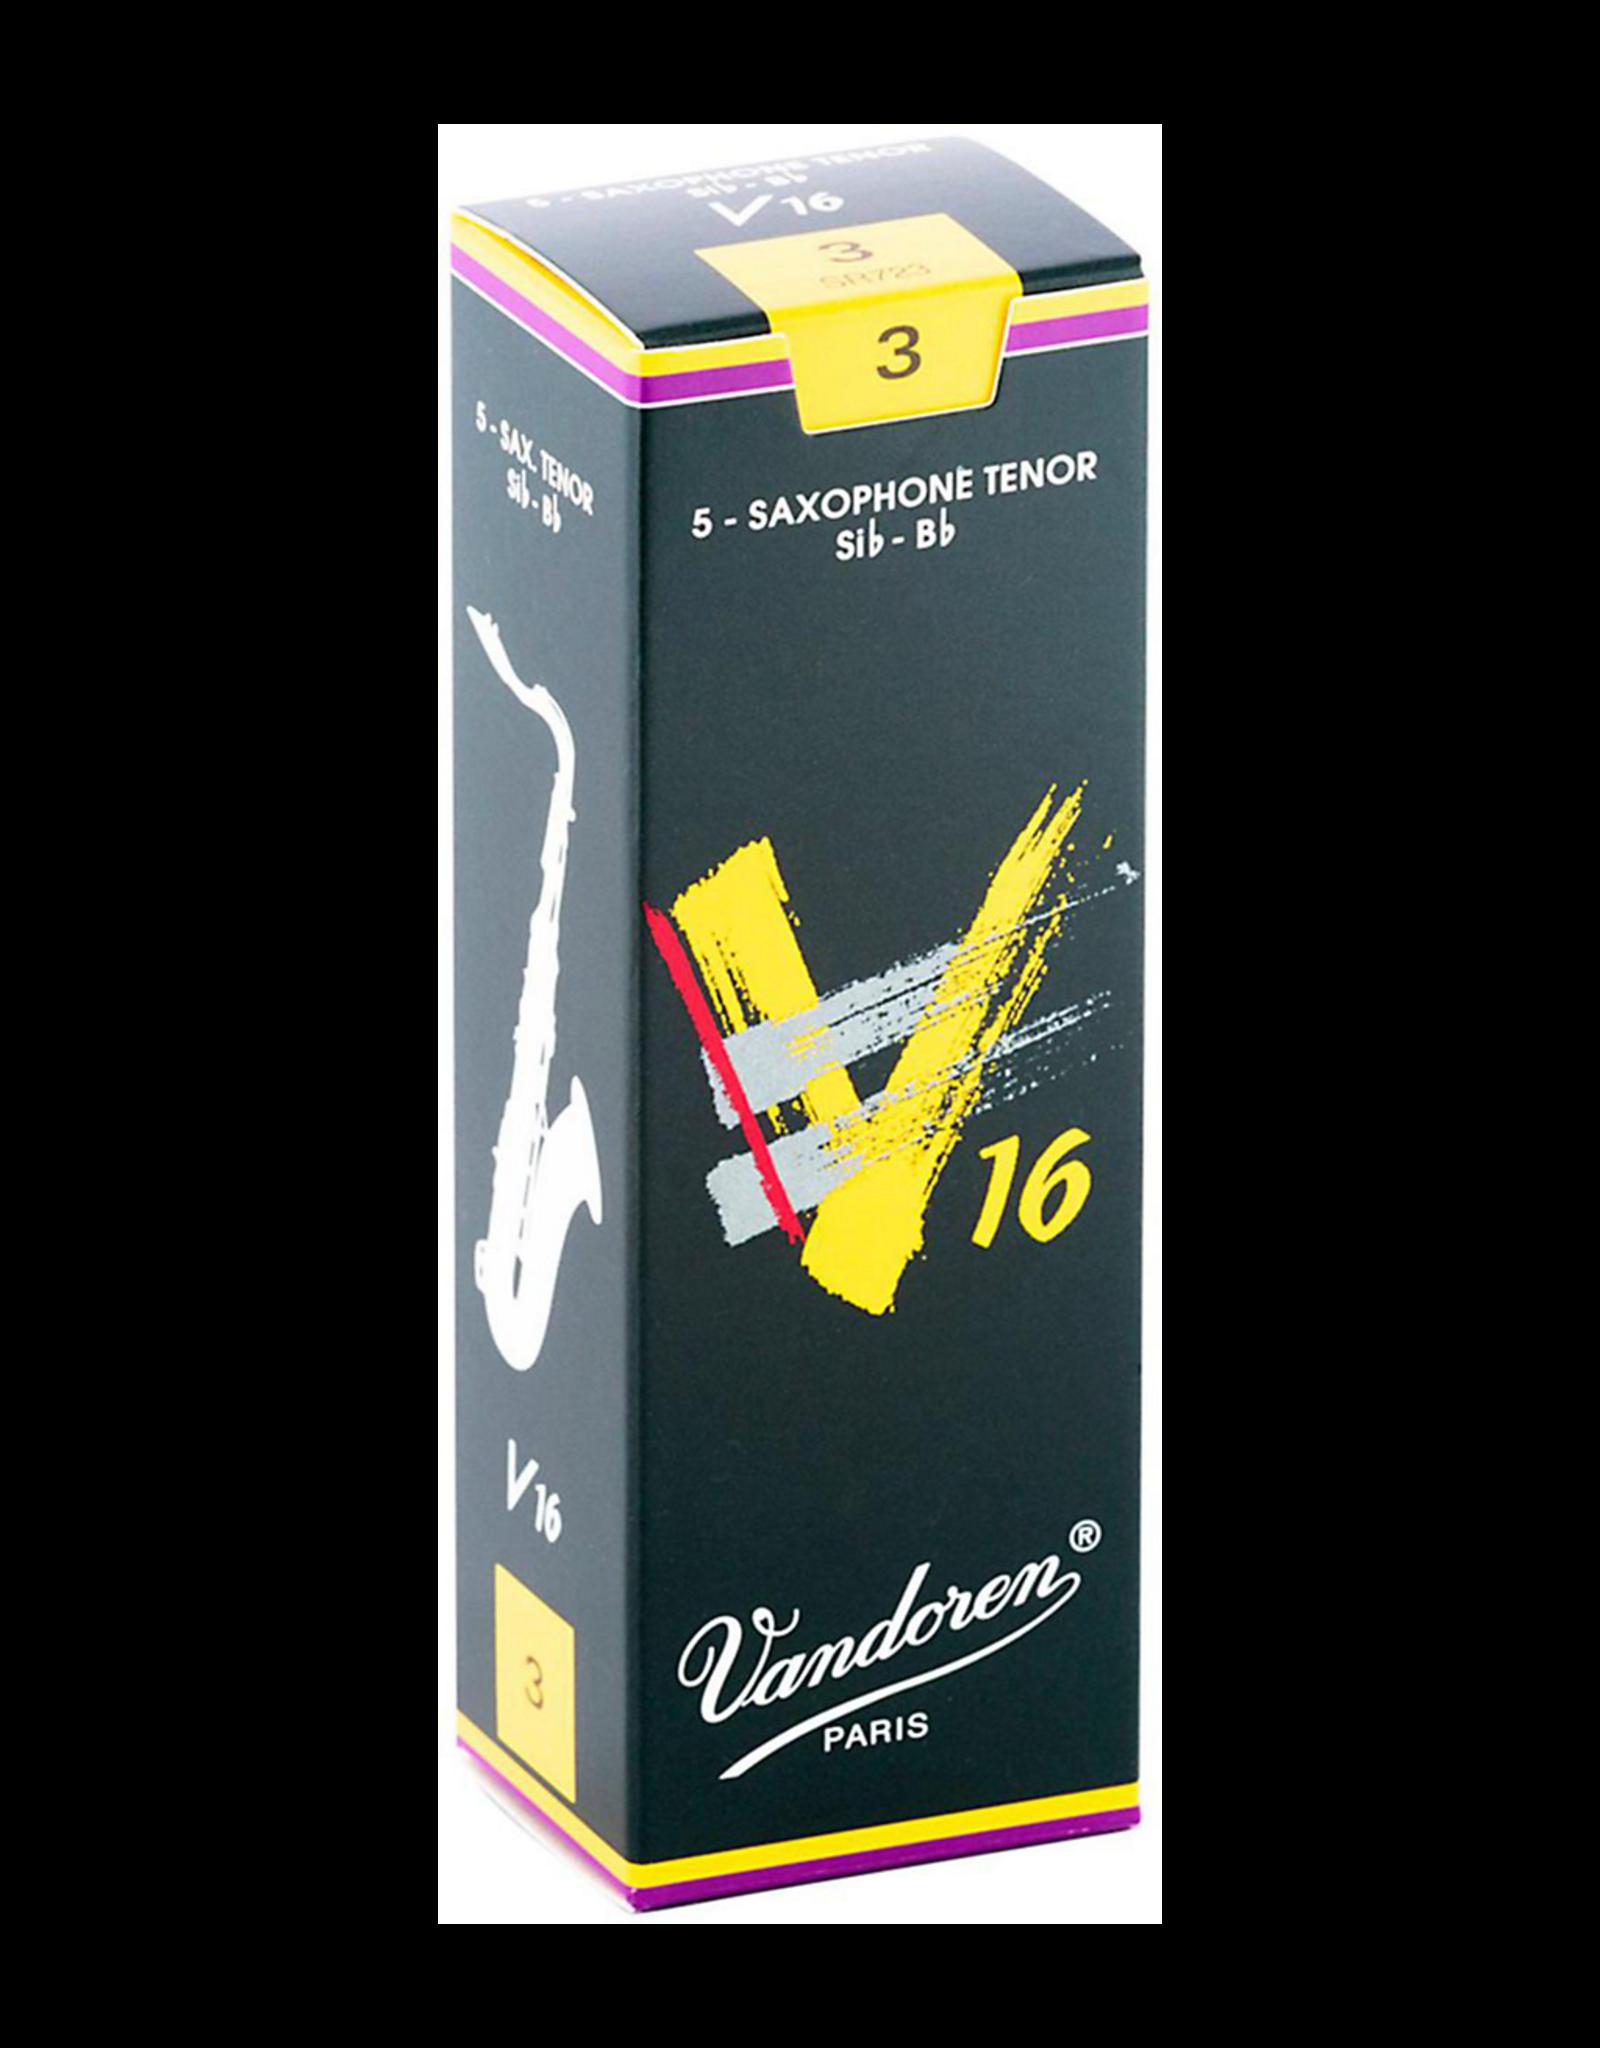 Vandoren Vandoren Tenor Sax V16 Reed Box of 5;